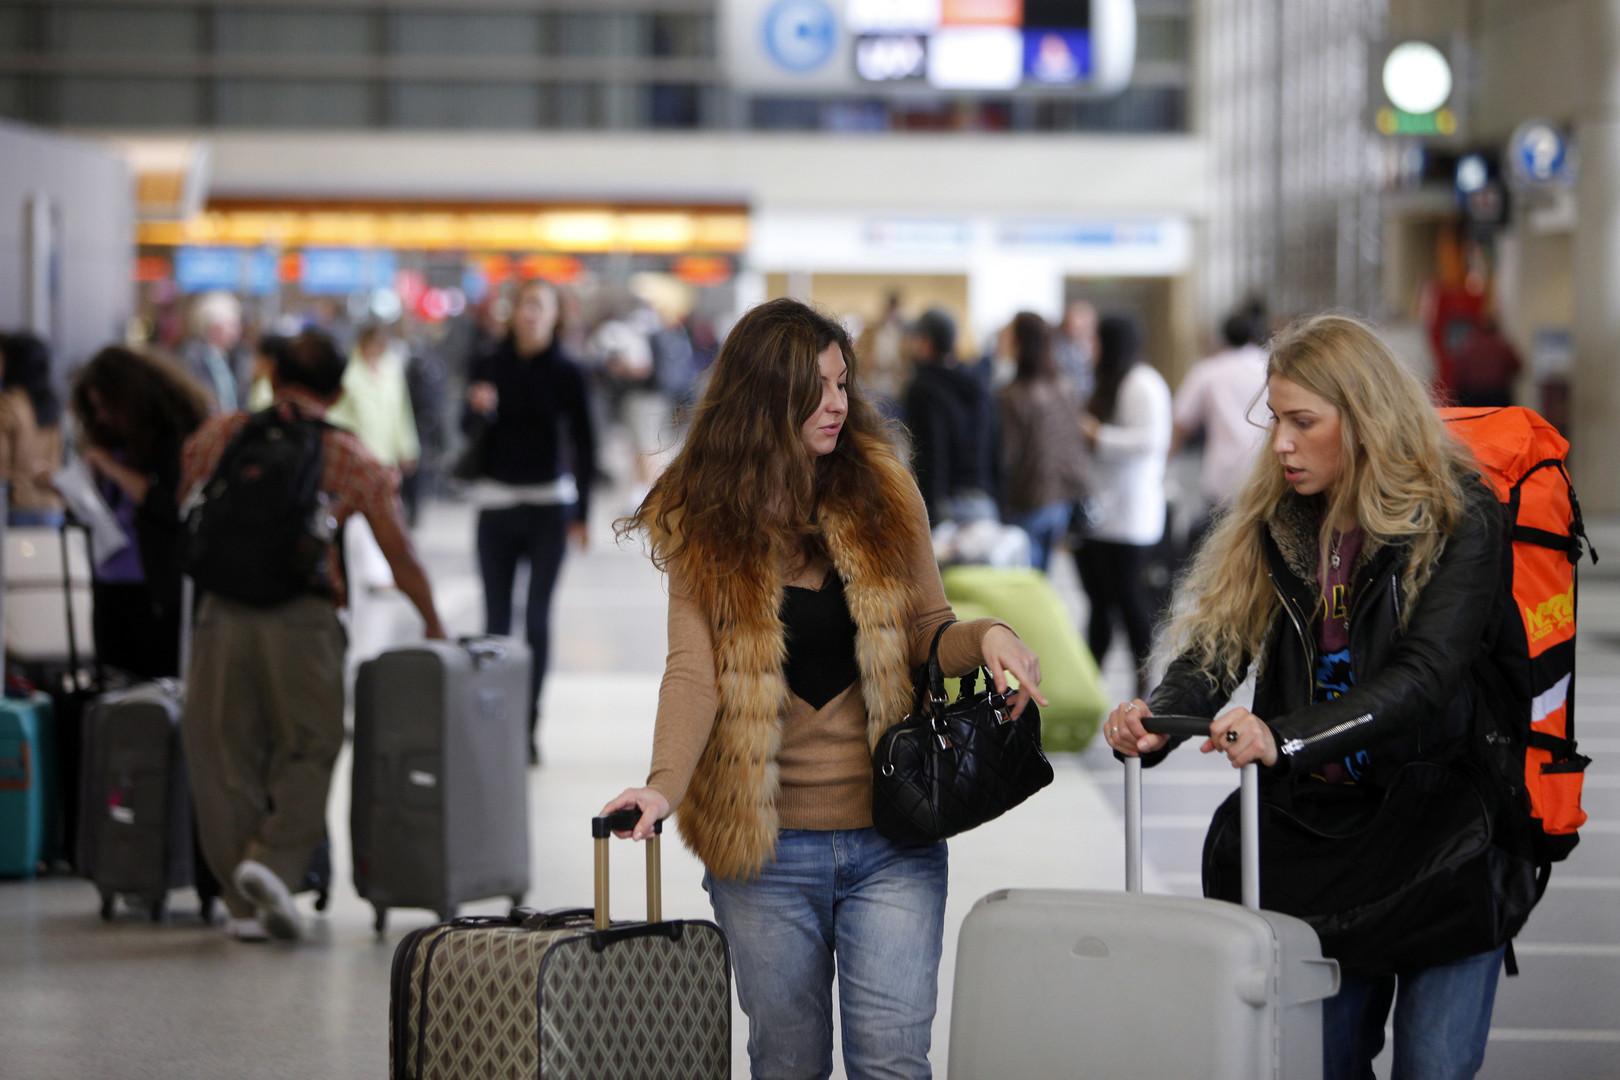 Скидки на отели, билеты и развлечения: В России запустят карту путешественника